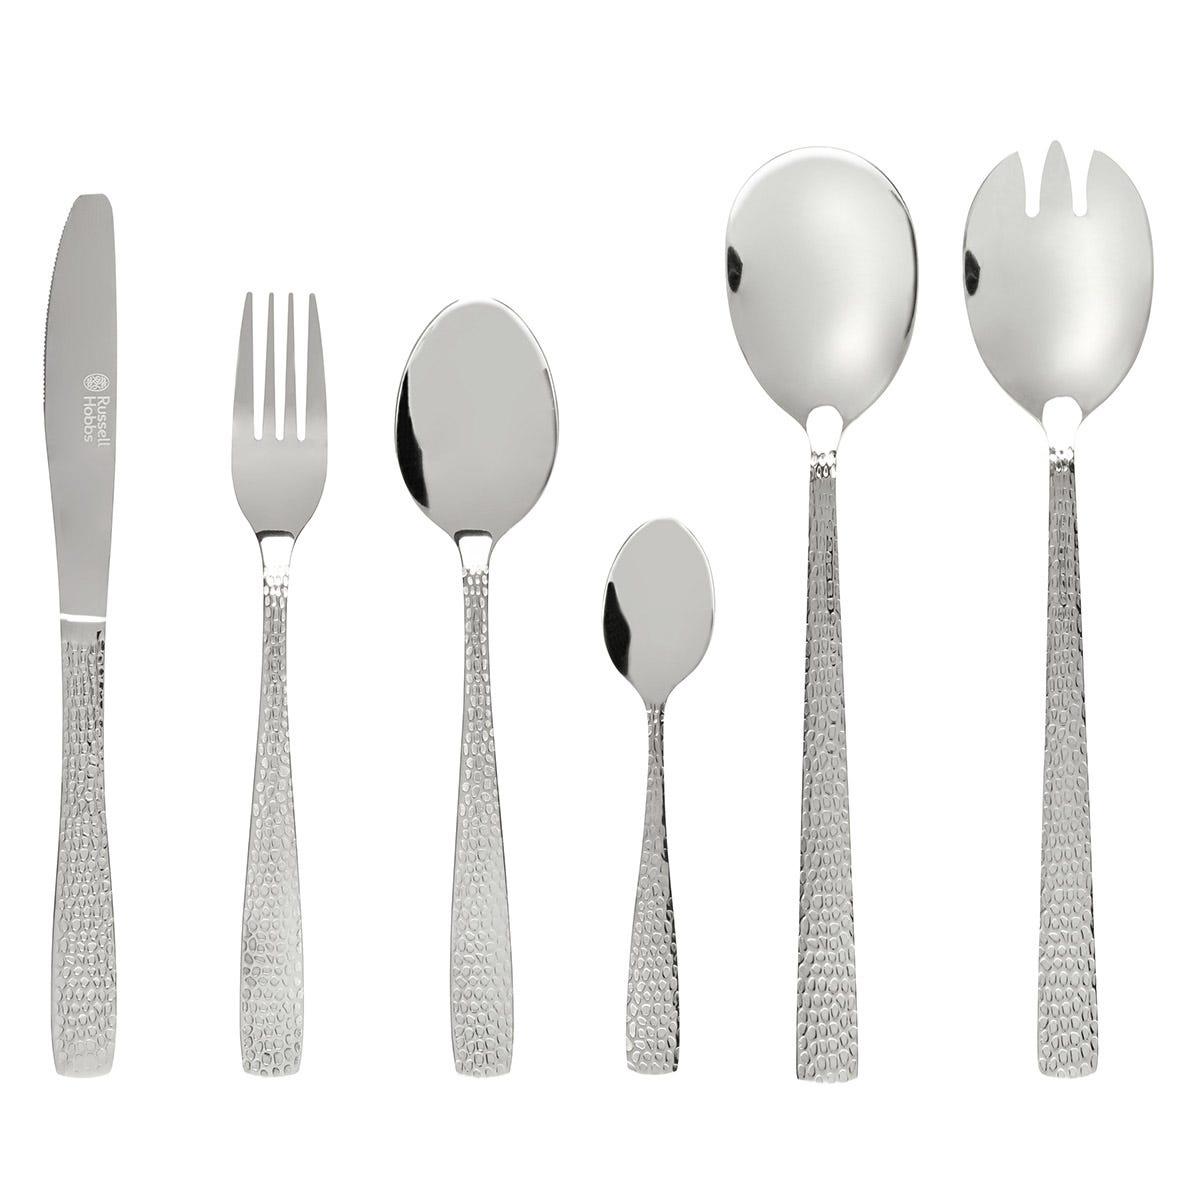 Russell Hobbs 18-Piece Kensington Cutlery Set - Stainless Steel